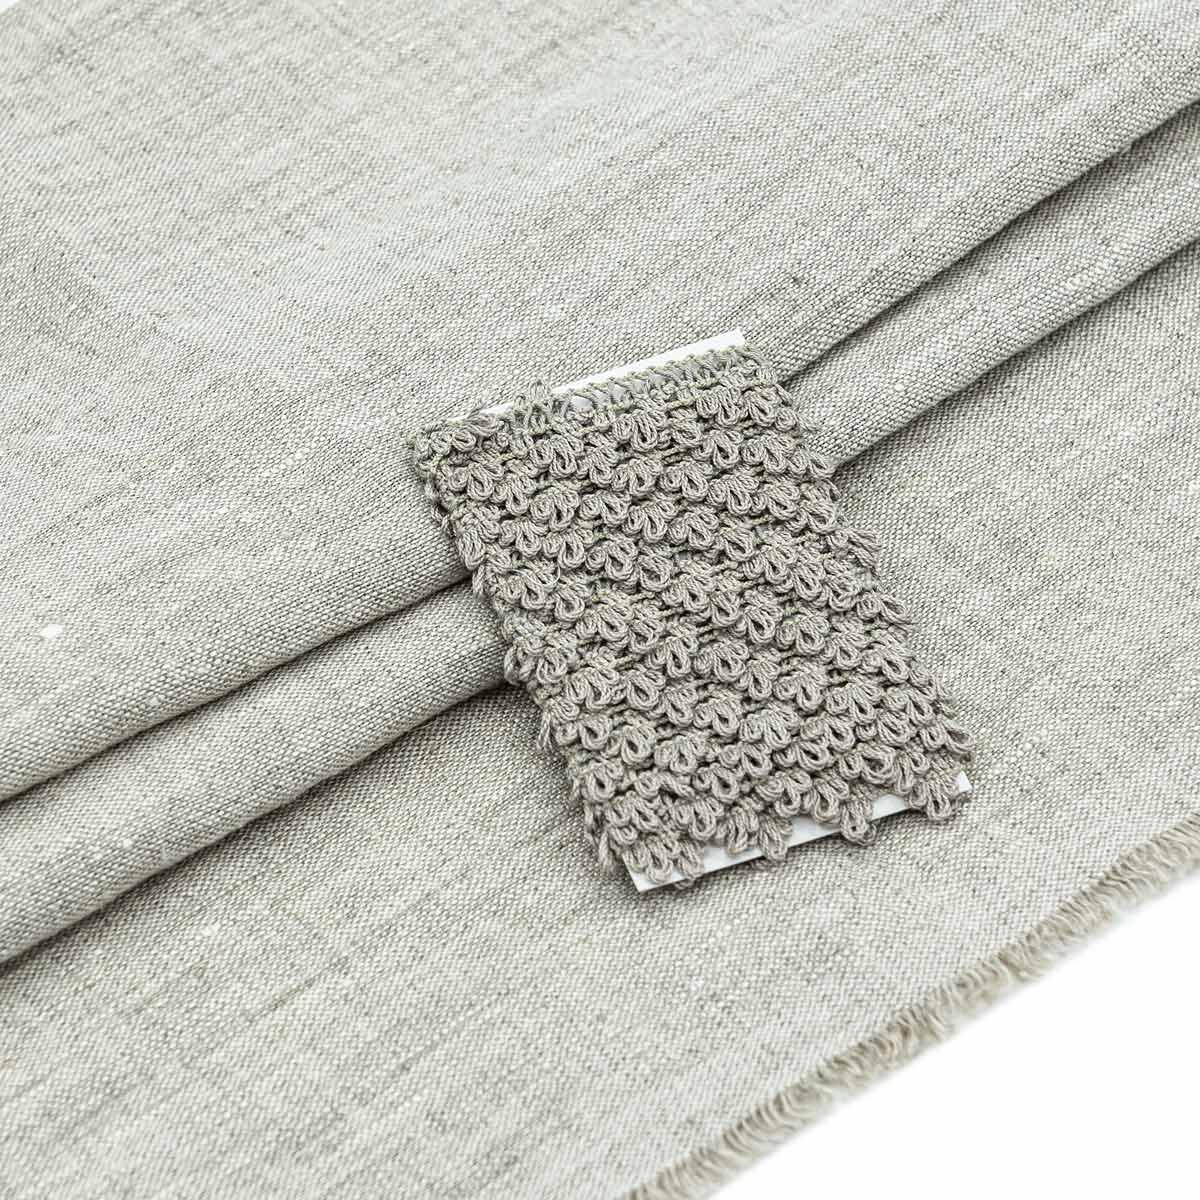 28956 Набор для творчеста 'Ткань лён с тесьмой ' (100% лен / 69%хб+31%пэ. 45*50см/ 2м), цв.н.серый+льняной